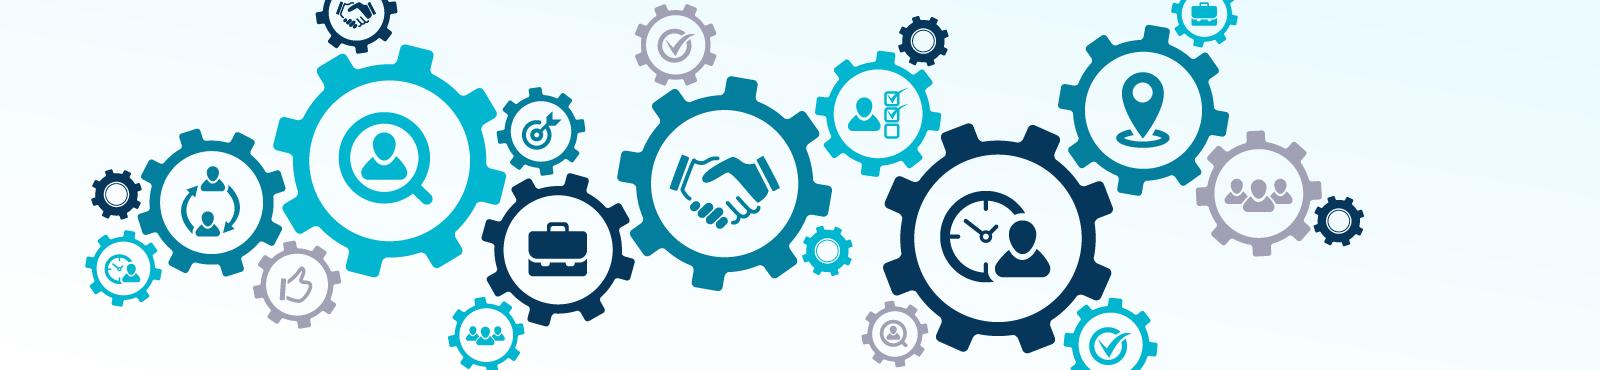 Kurzfristige Beschäftigung: Aushilfen auf Zeit einstellen